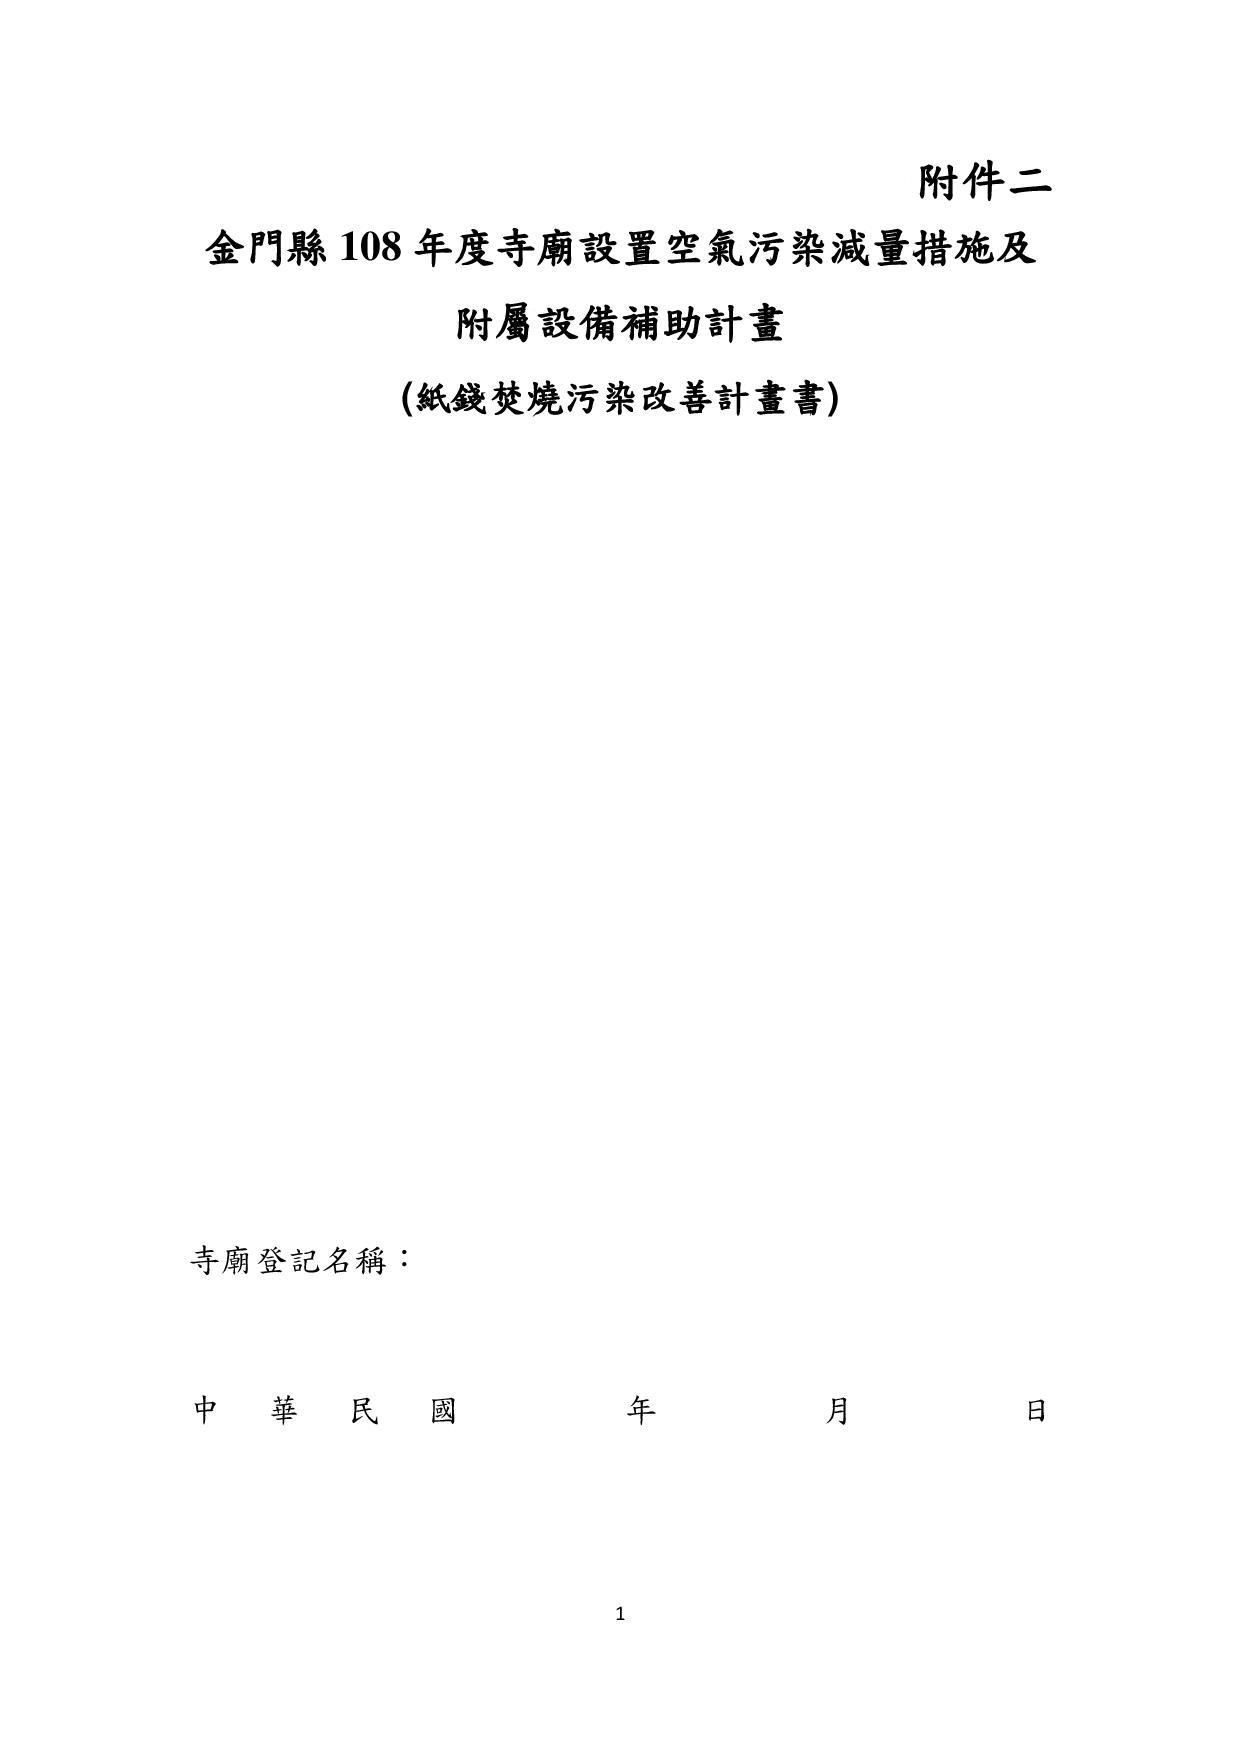 附件二-紙錢焚燒污染改善計畫書